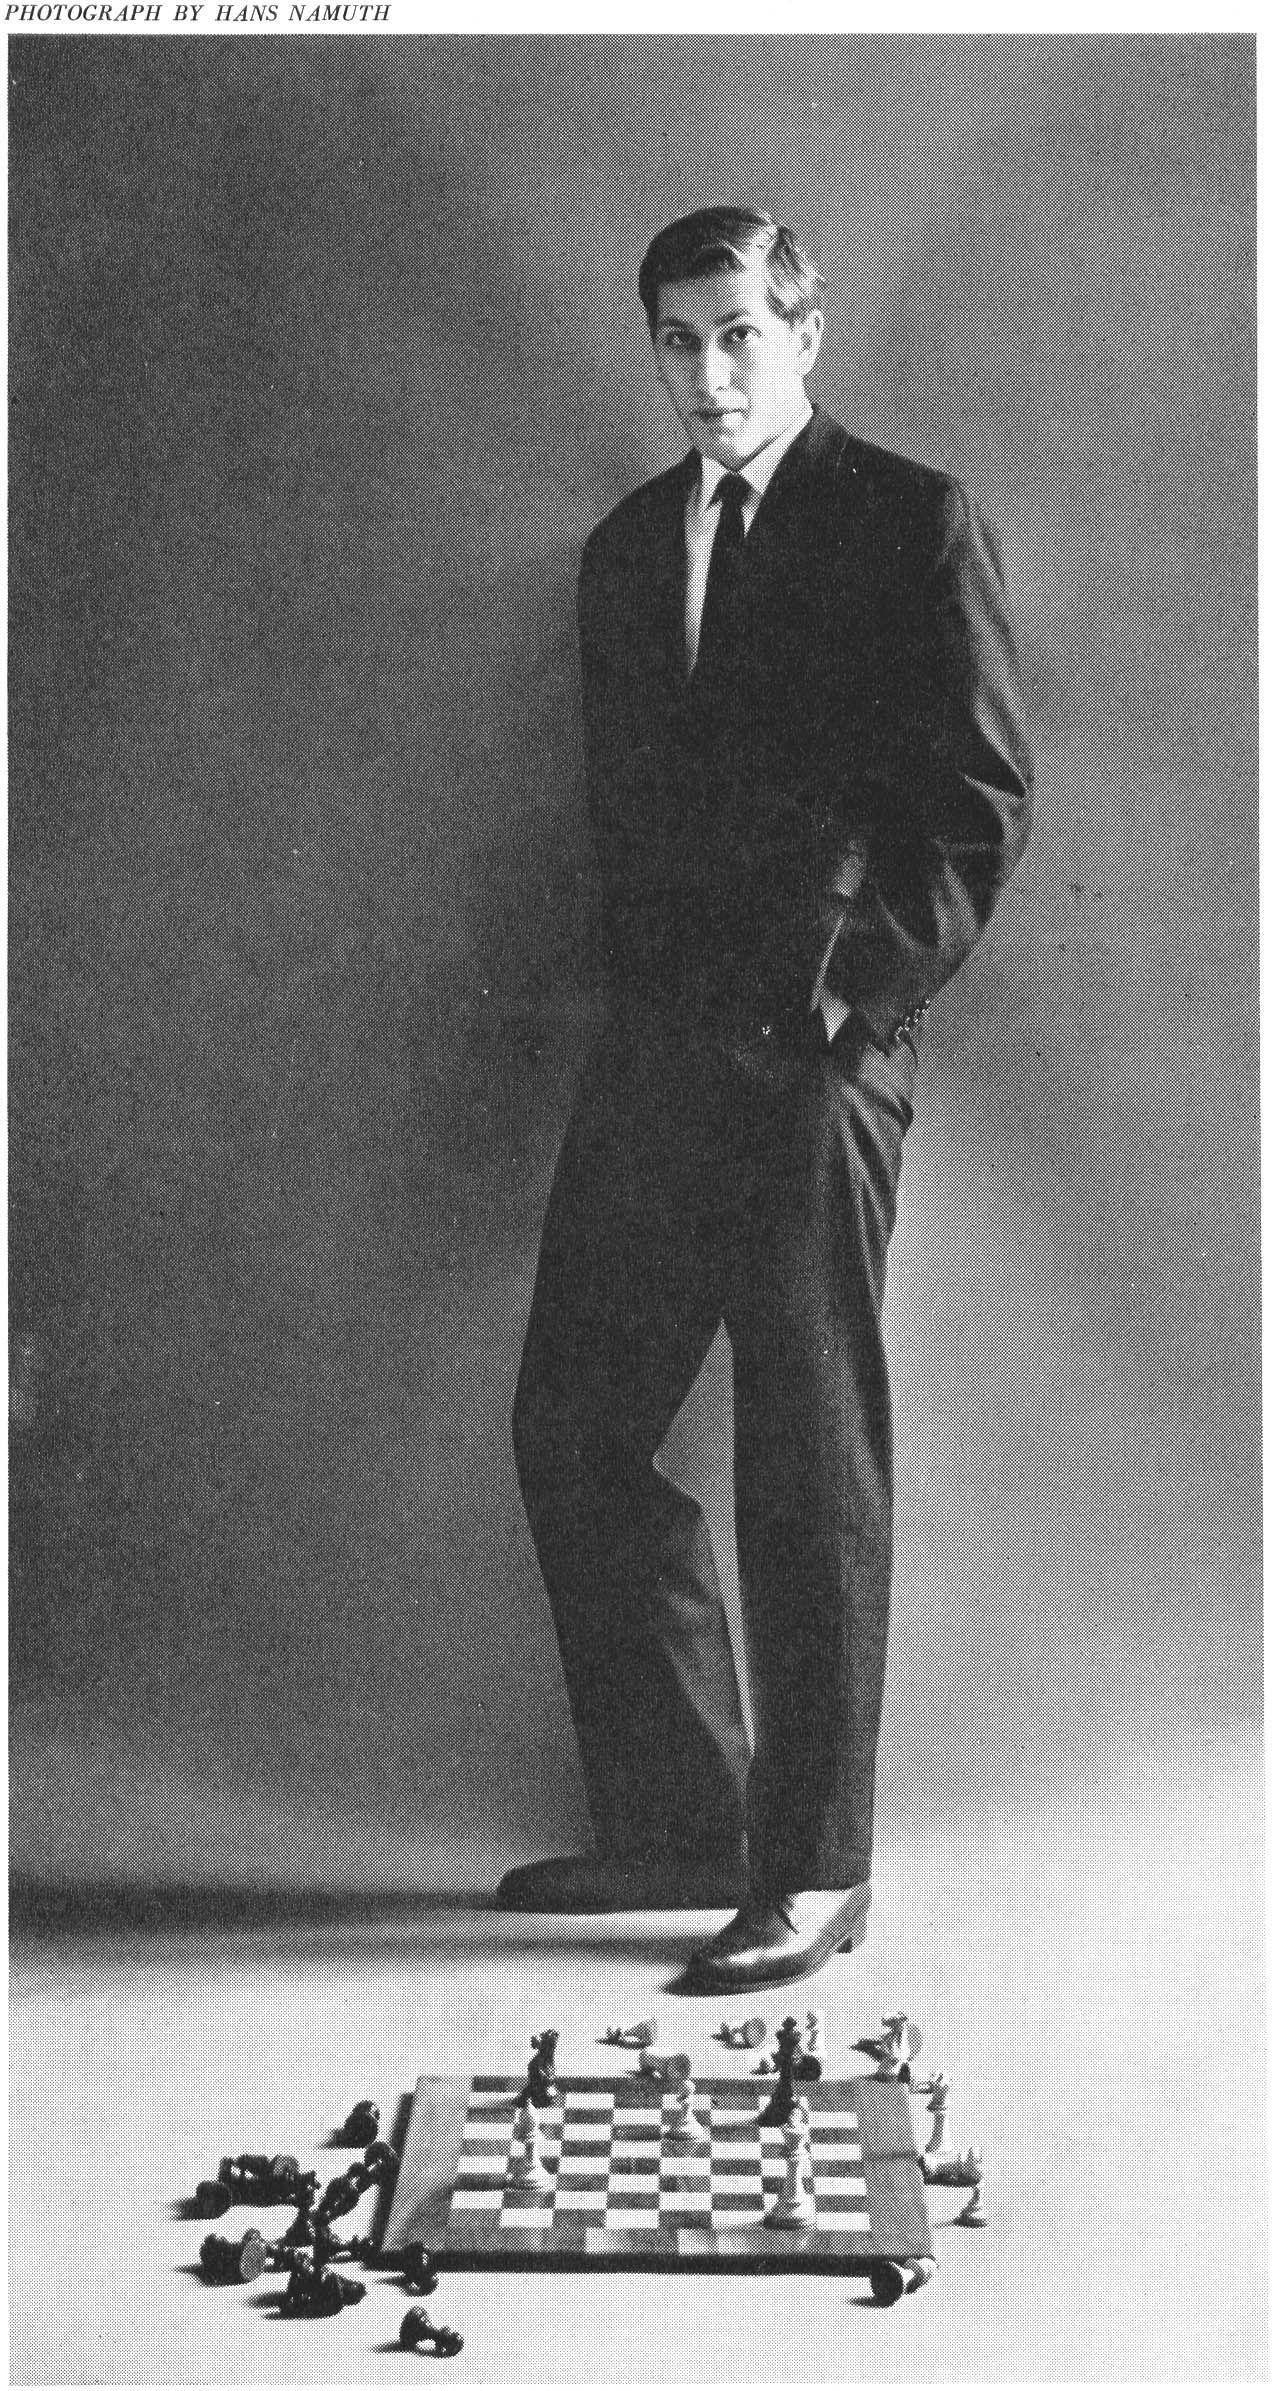 """Robert James """"Bobby"""" Fischer (Chicago, 9 marzo 1943-Reykjavík, 17 gennaio 2008) è stato l' unico statunitense ad aver vinto il titolo di campione del mondo.Conquistò il titolo nel 1972, contro Spasskij e lo perse per essersi rifiutato di difenderlo nel 1975. Tra i migliori giocatori di scacchi di tutti i tempi, nonostante la sua prolungata assenza è rimasto uno dei nomi più conosciuti, anche esternamente alla cerchia degli appassionati, a causa dei tratti eccentrici della personalità."""